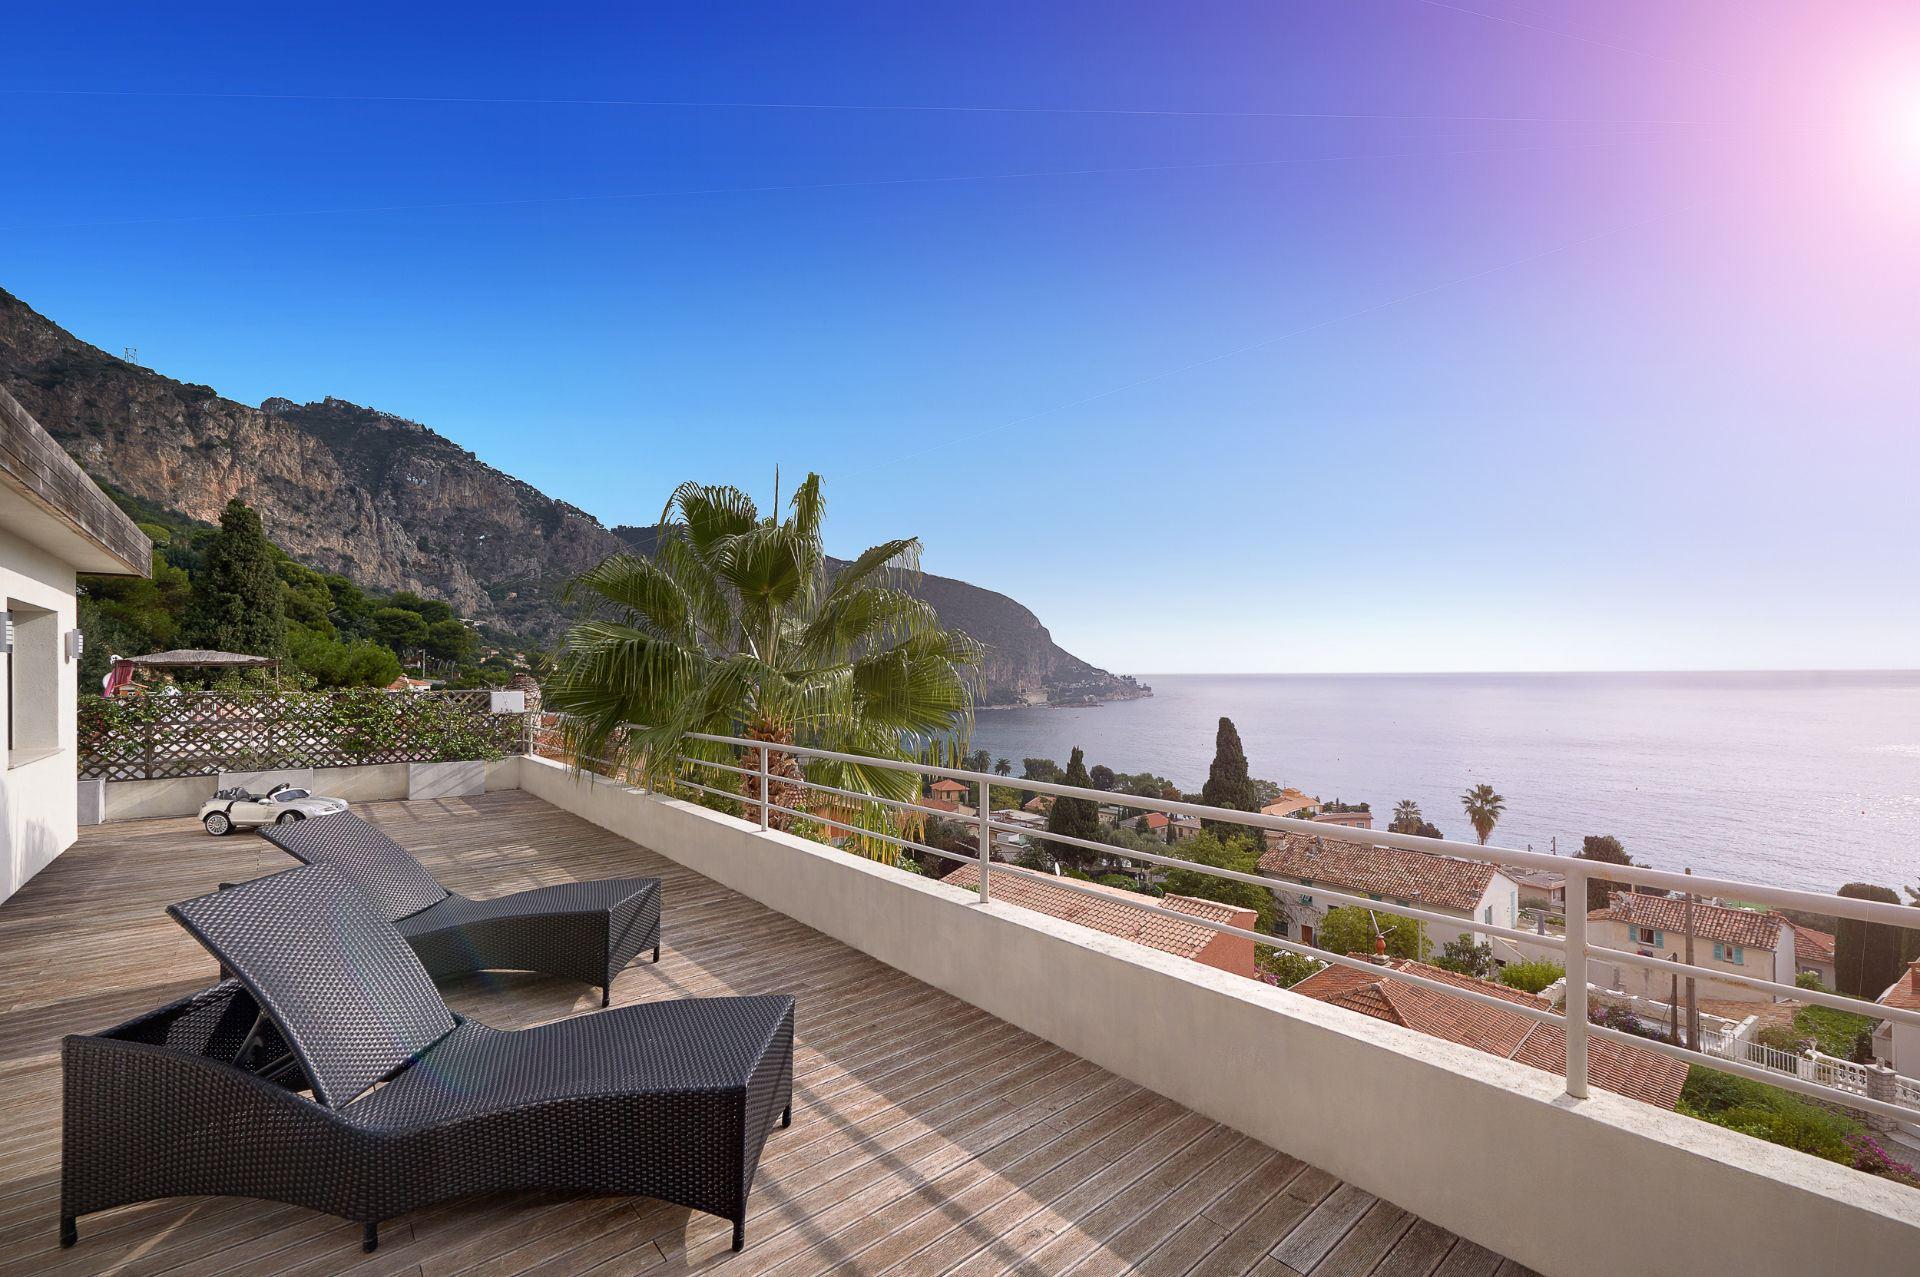 獨棟家庭住宅 為 出售 在 Stunning modern luxury villa with panoramic sea views Eze, 普羅旺斯阿爾卑斯藍色海岸 06360 法國